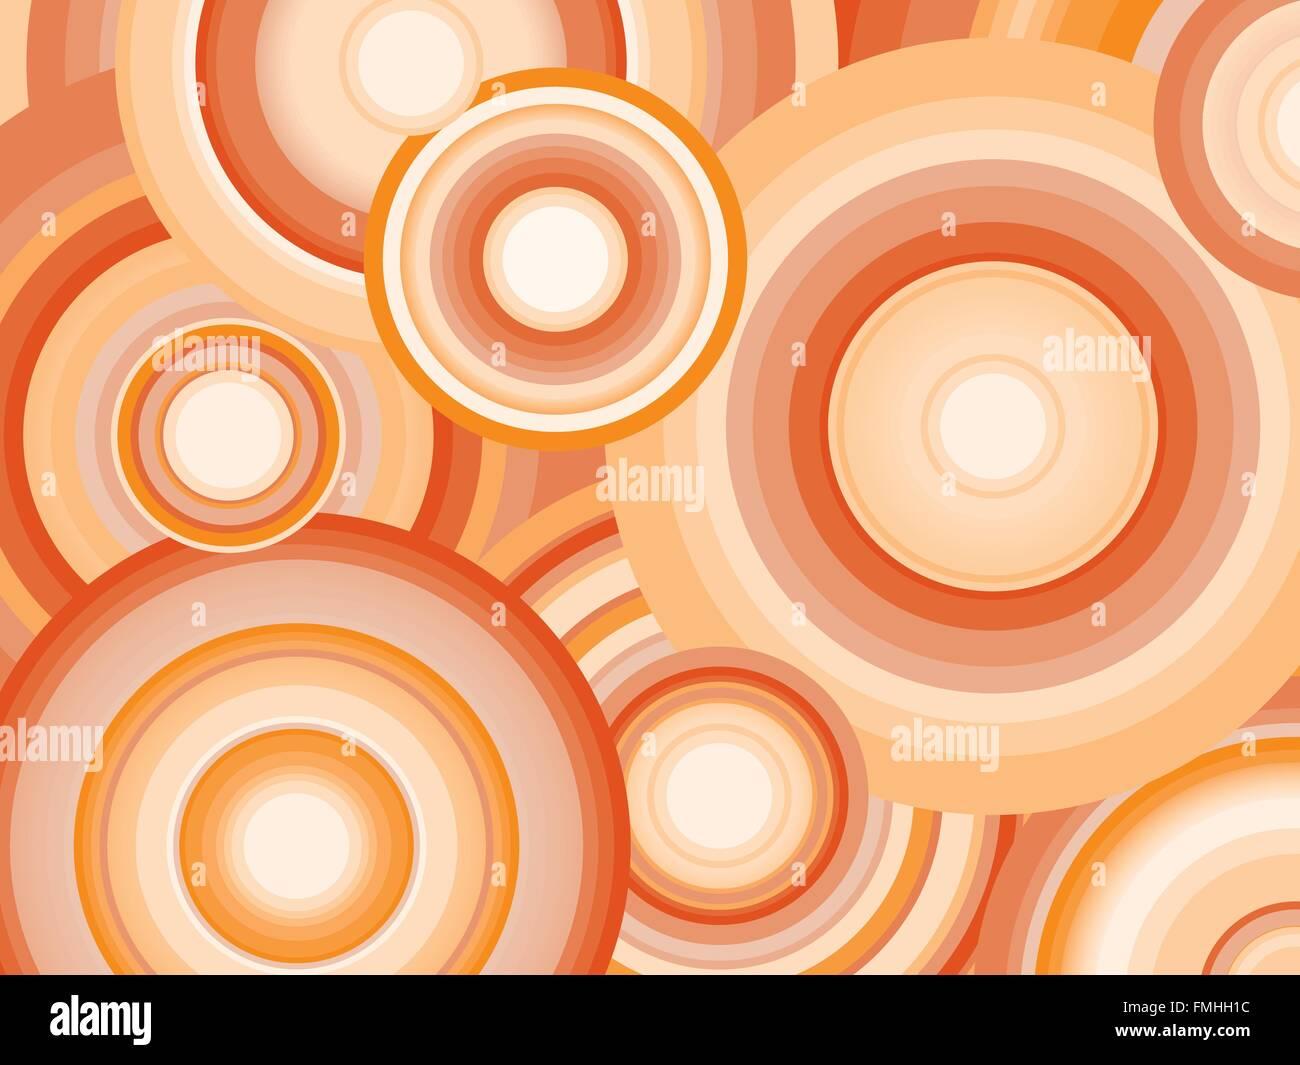 Sfondo astratto con ombreggiatura arancione cerchi concentrici Immagini Stock